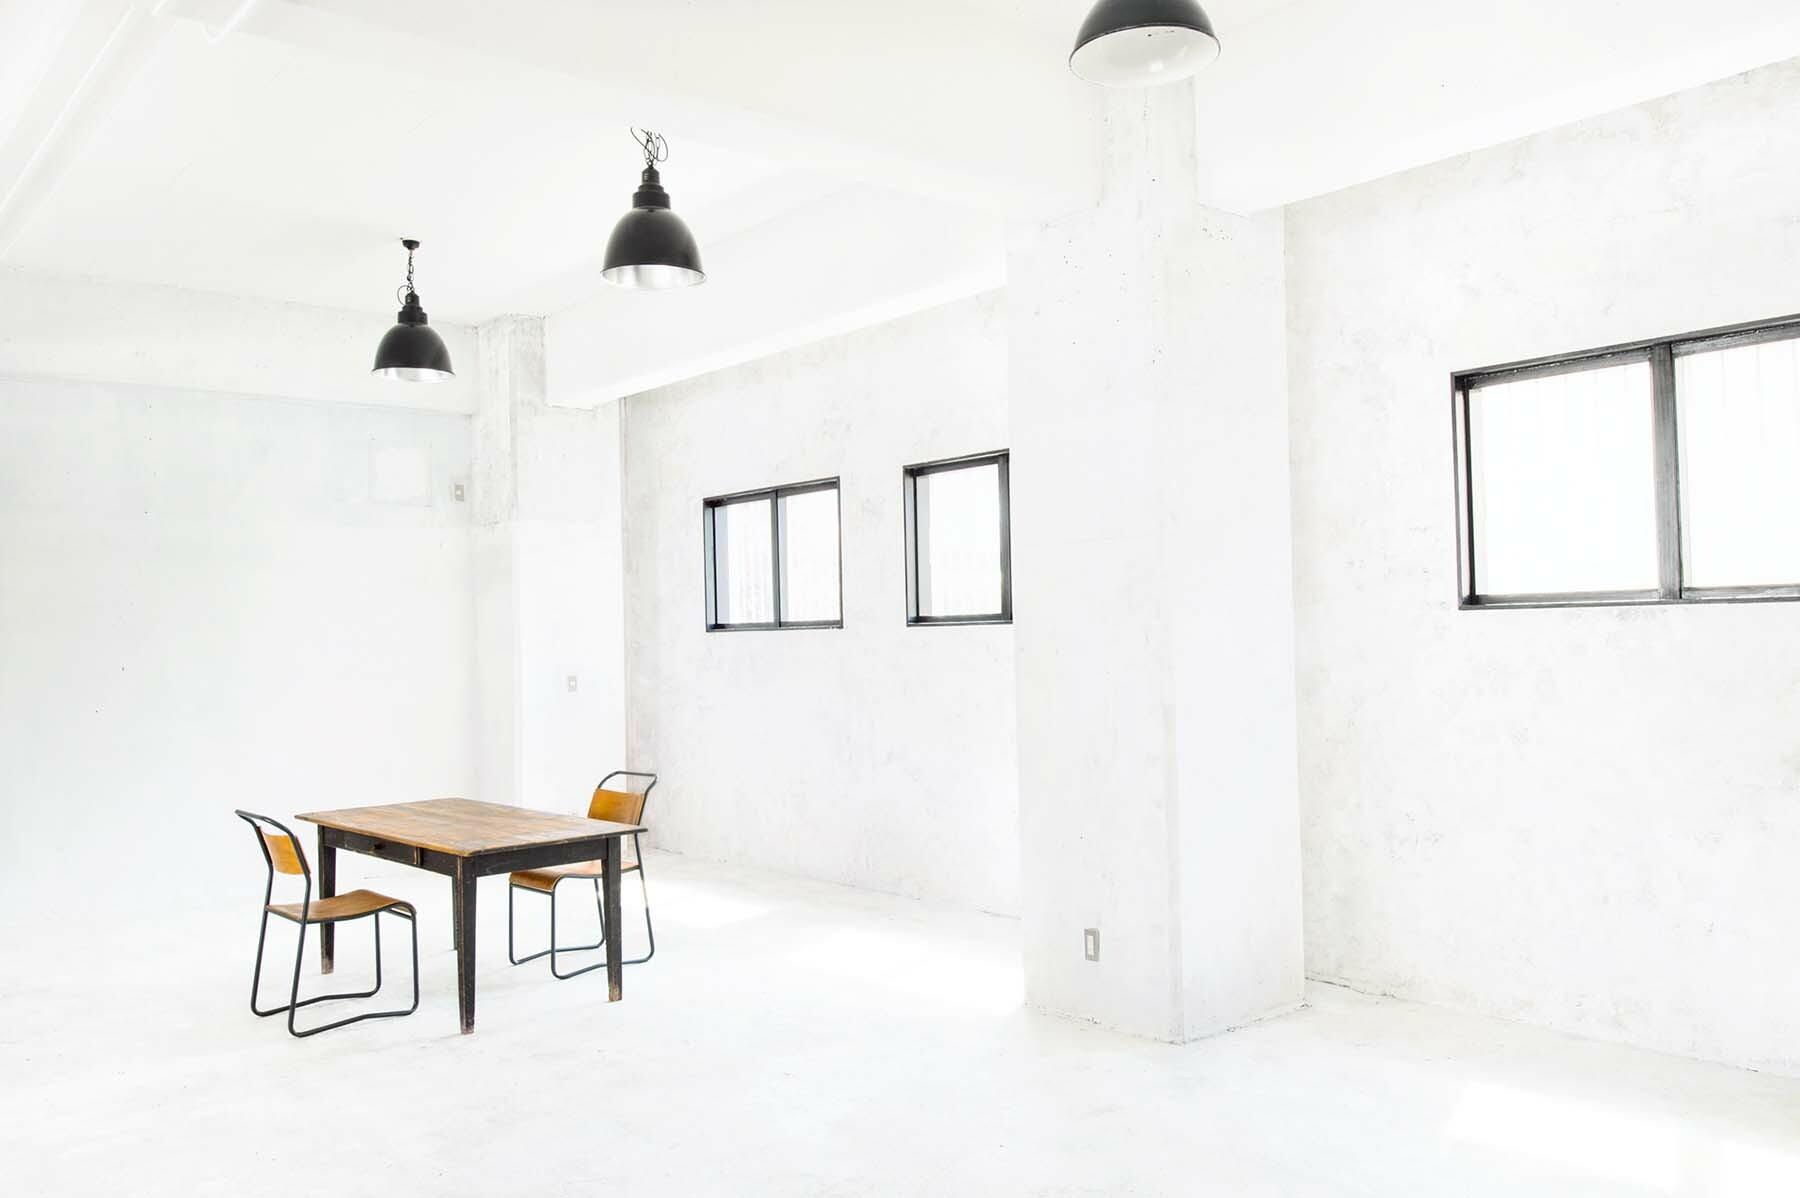 StudioBRICK 1F (スタジオブリック八丁堀1F)白床×漆喰の白壁